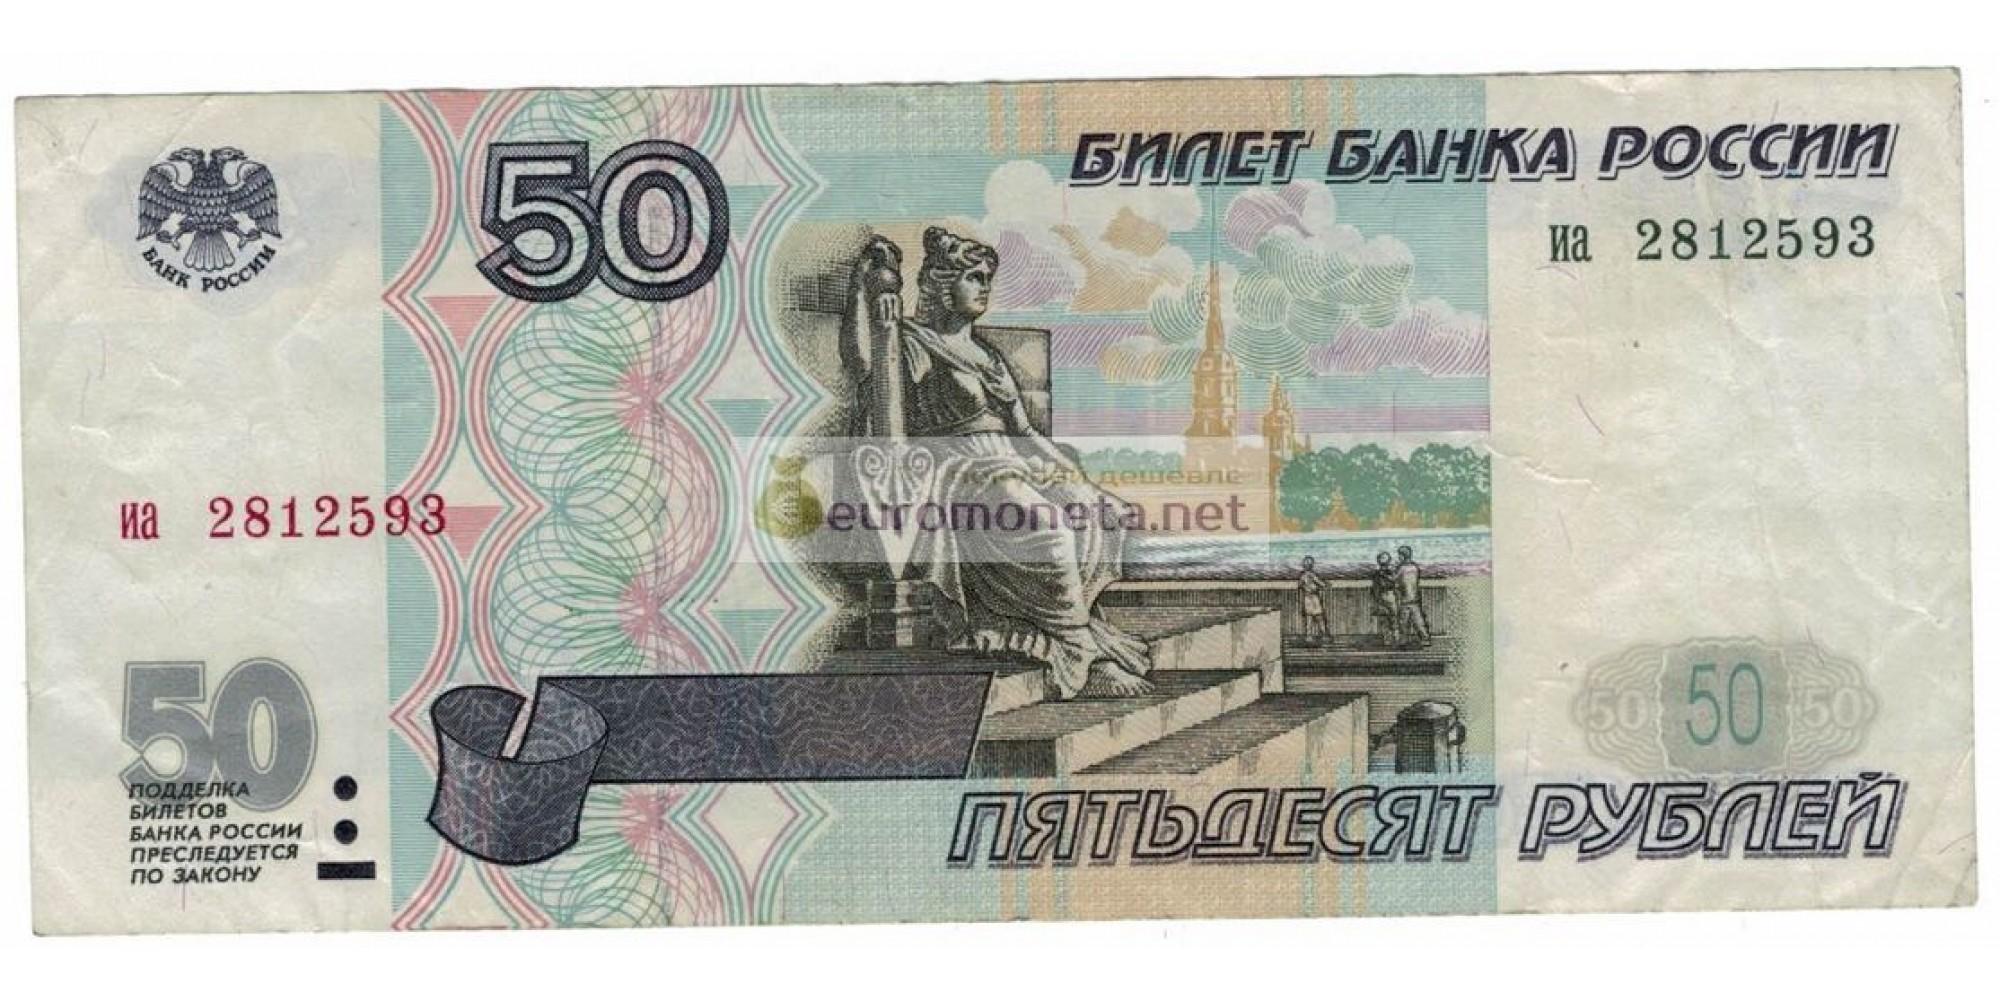 Россия 50 рублей 1997 год без модификации серия иа 2812593